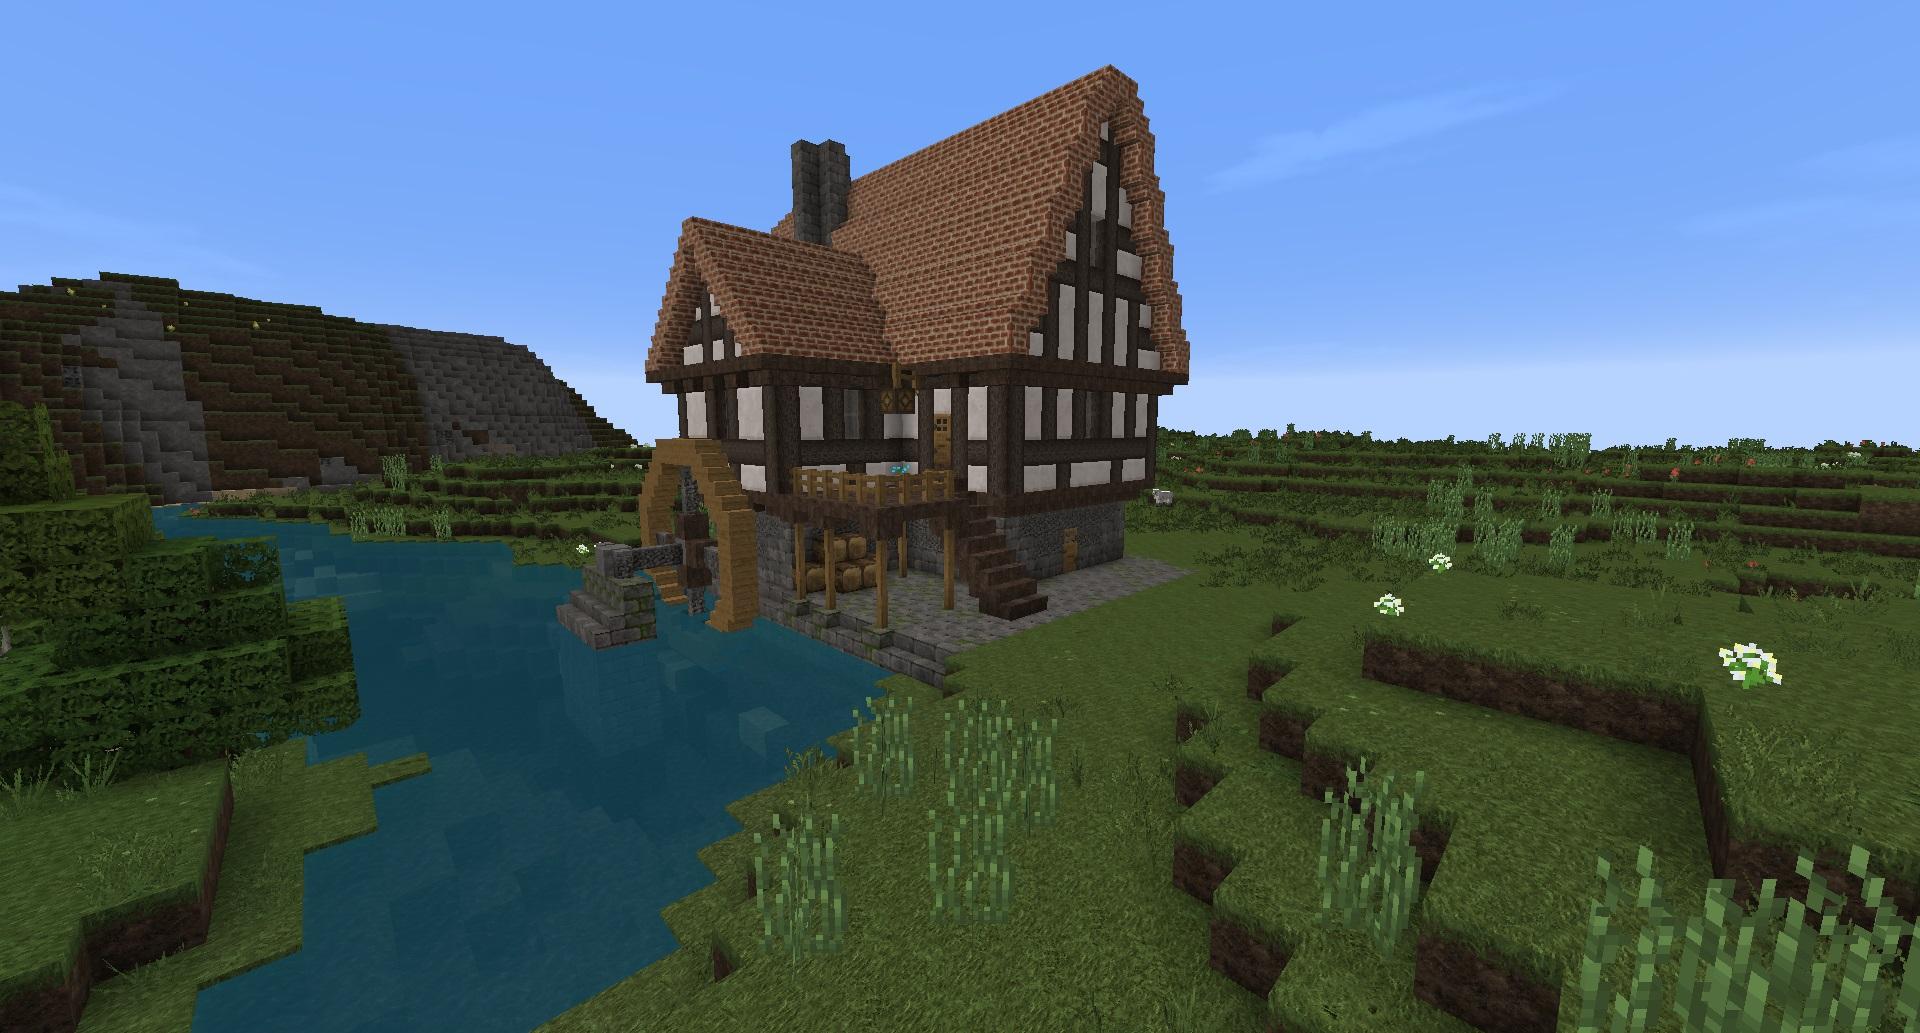 Minecraft Watermill by schattenw0lf on DeviantArt